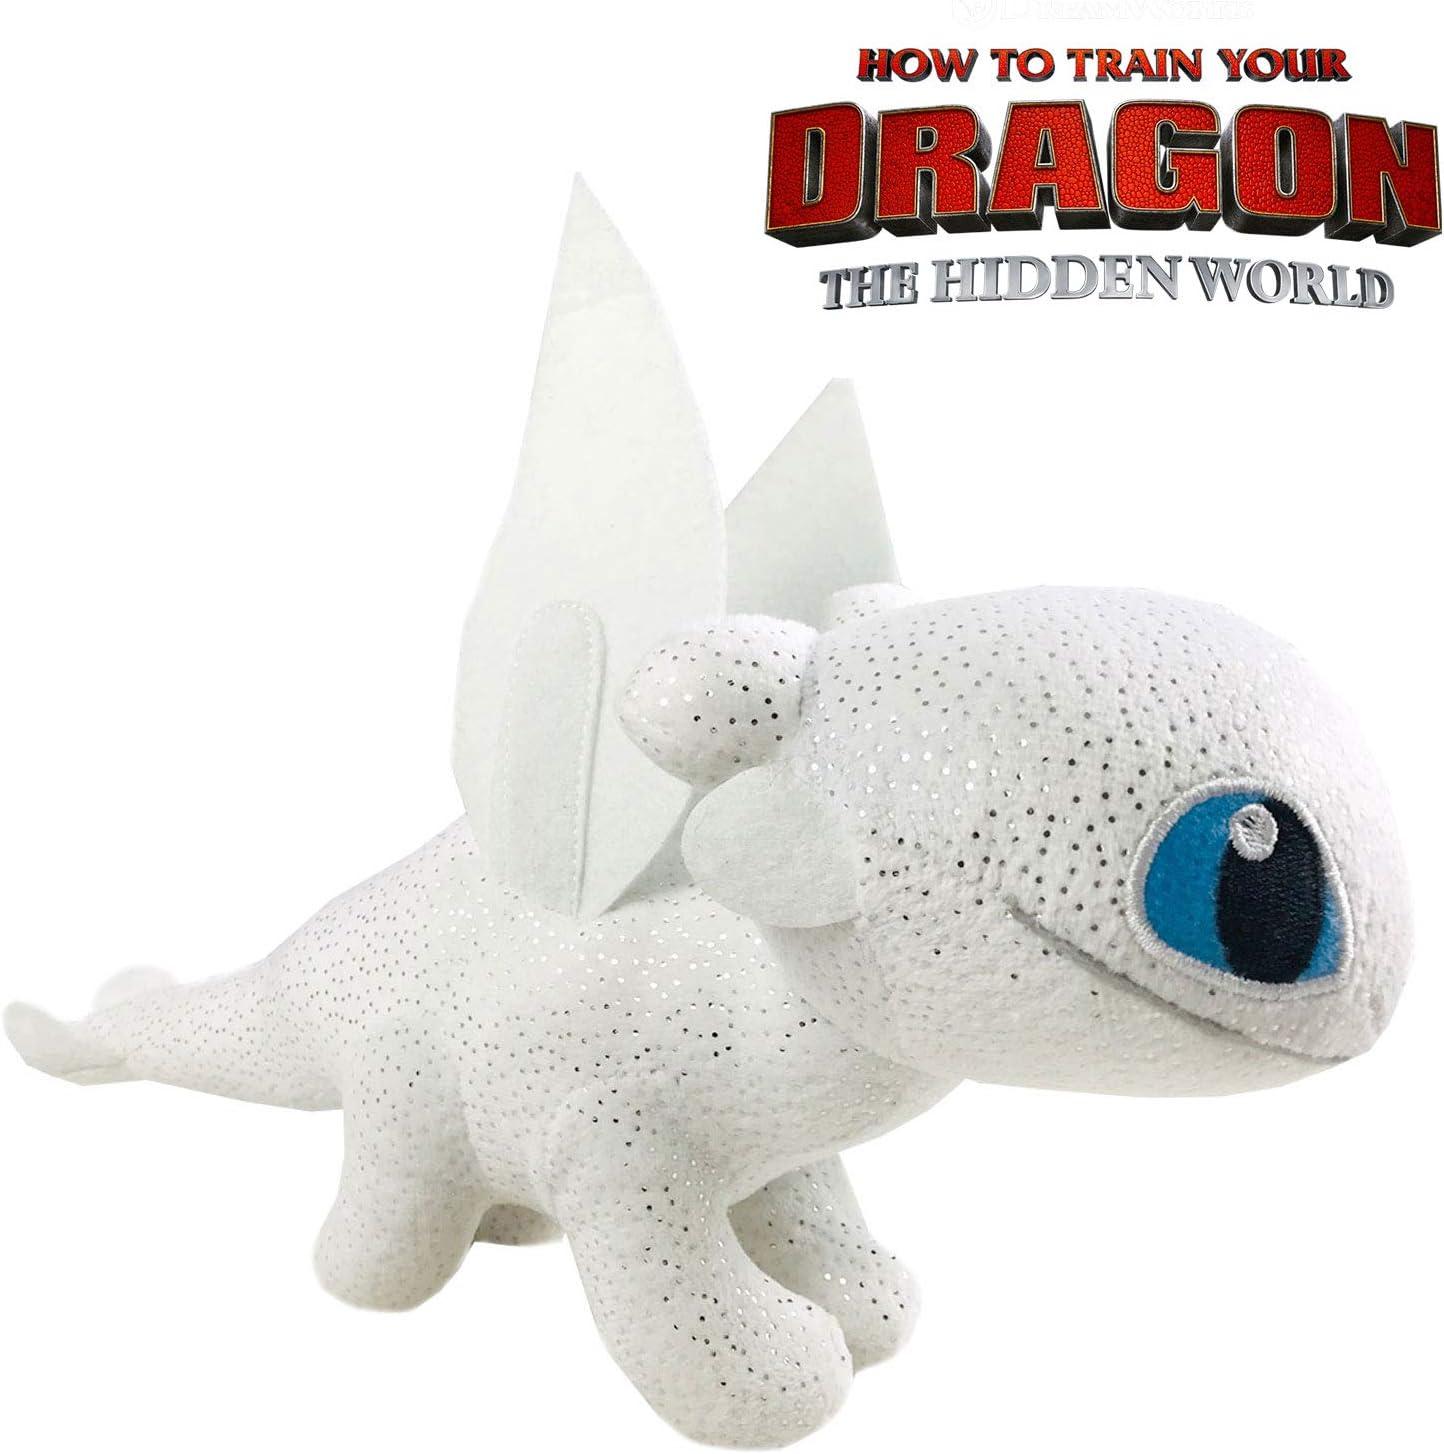 Play by Play HTTYD Dragons, como Entrenar a tu dragón - Peluche Furia Luminosa (Light Fury) Color Blanco con Brillante Calidad Super Soft 20cm (30cm Cola incluida) - 760017911